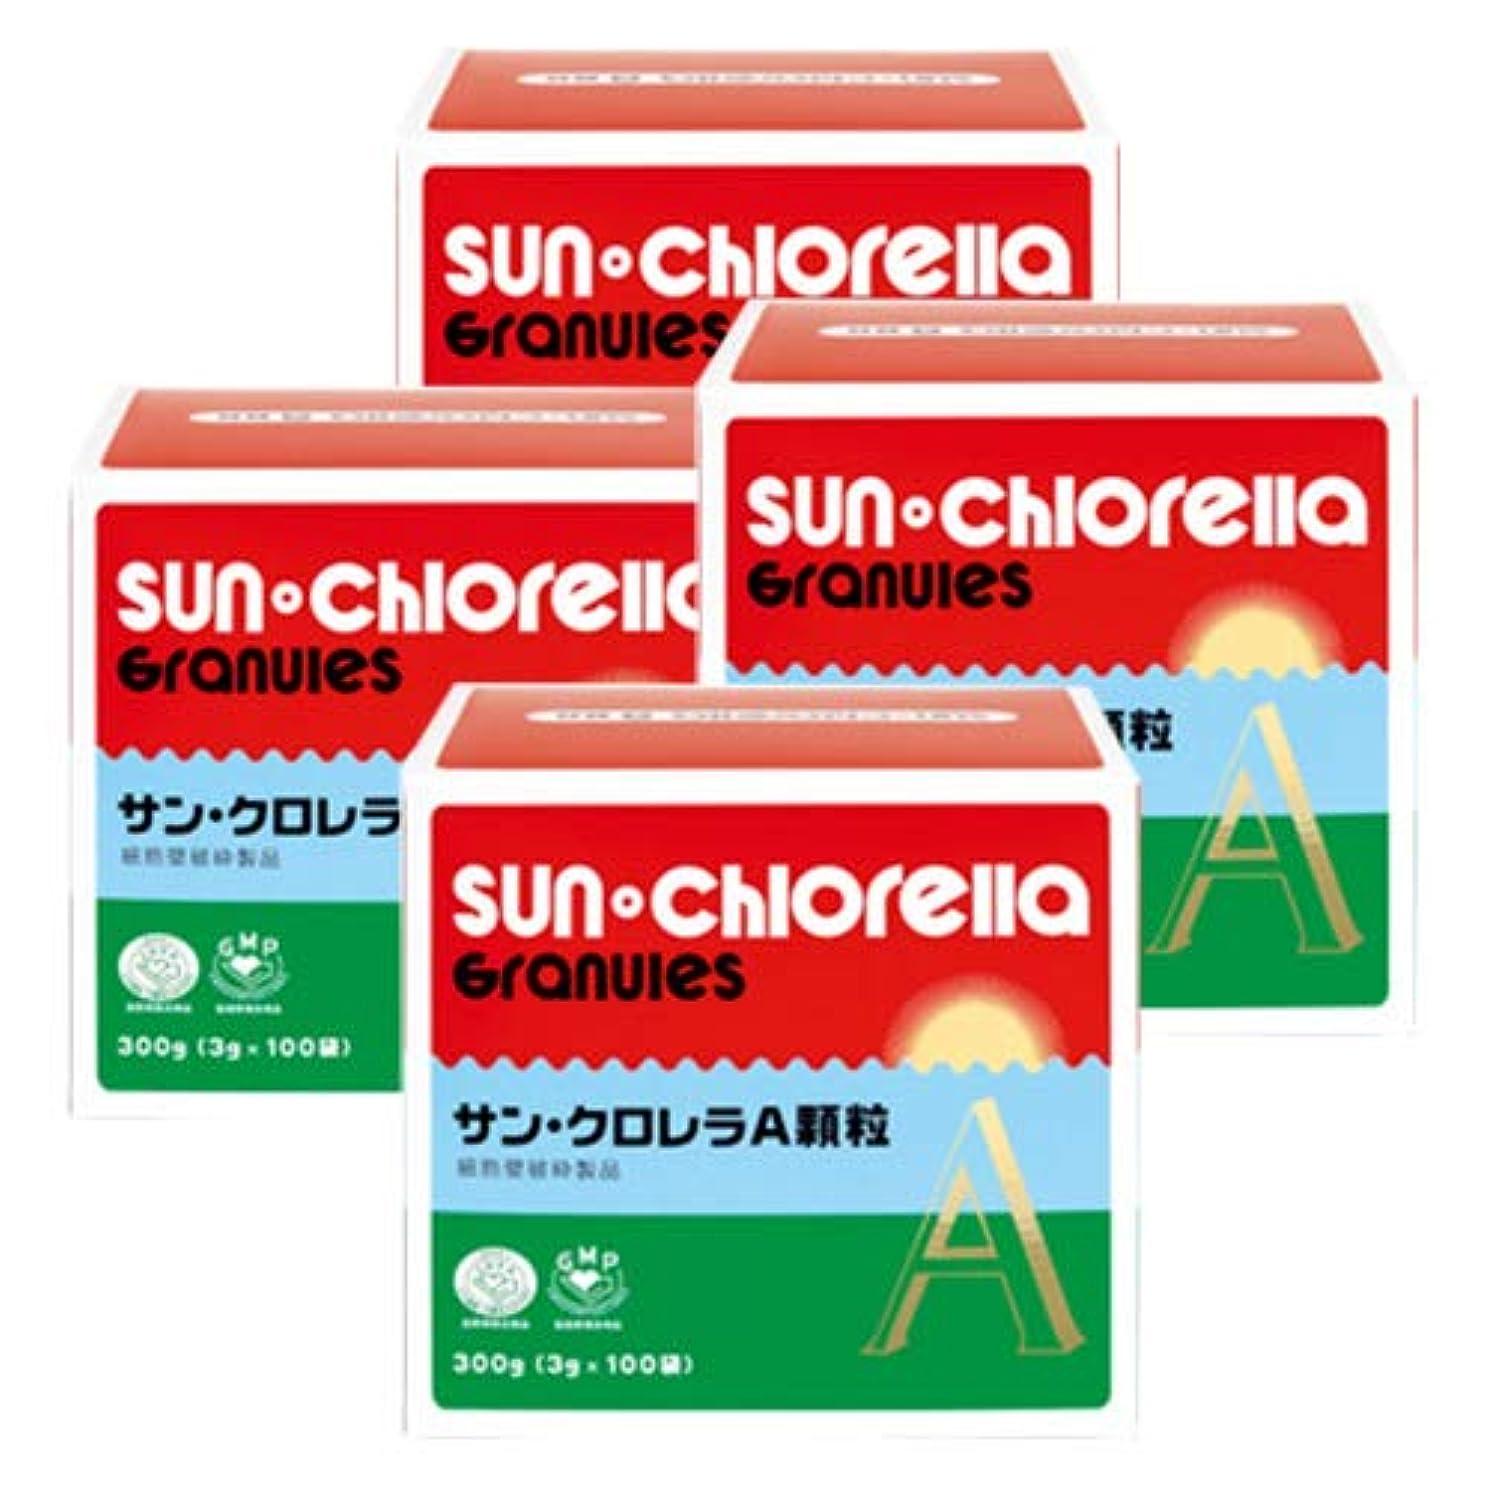 従来の存在枯渇サンクロレラ A 顆粒 100袋 × 4箱セット【単品もあり】葉酸 鉄 ビタミン